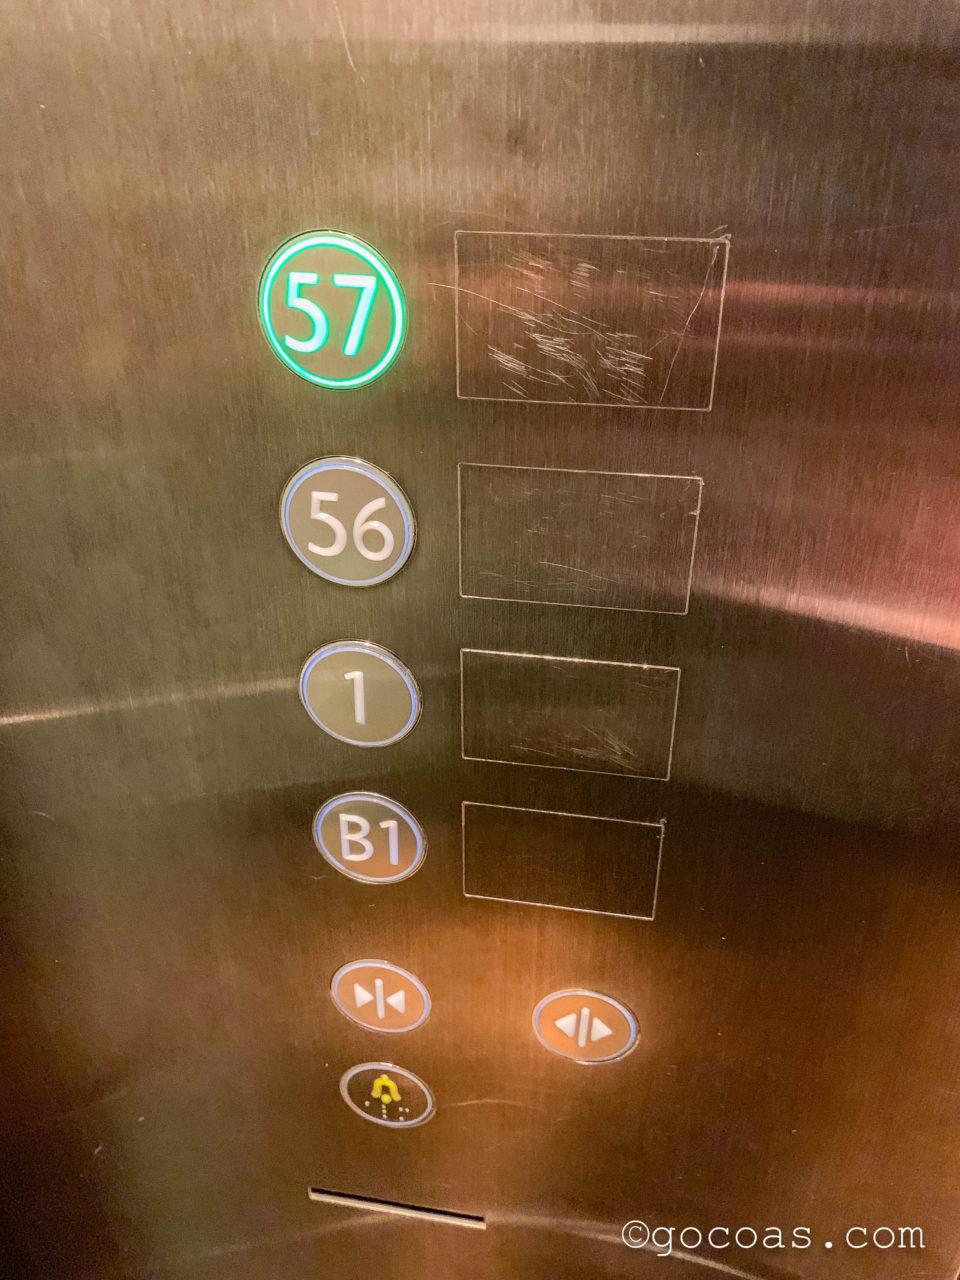 マリーナベイサンズ内のCÉ LA VI RESTAURANT AND SKYBARへ向かうエレベーターの57階の表示